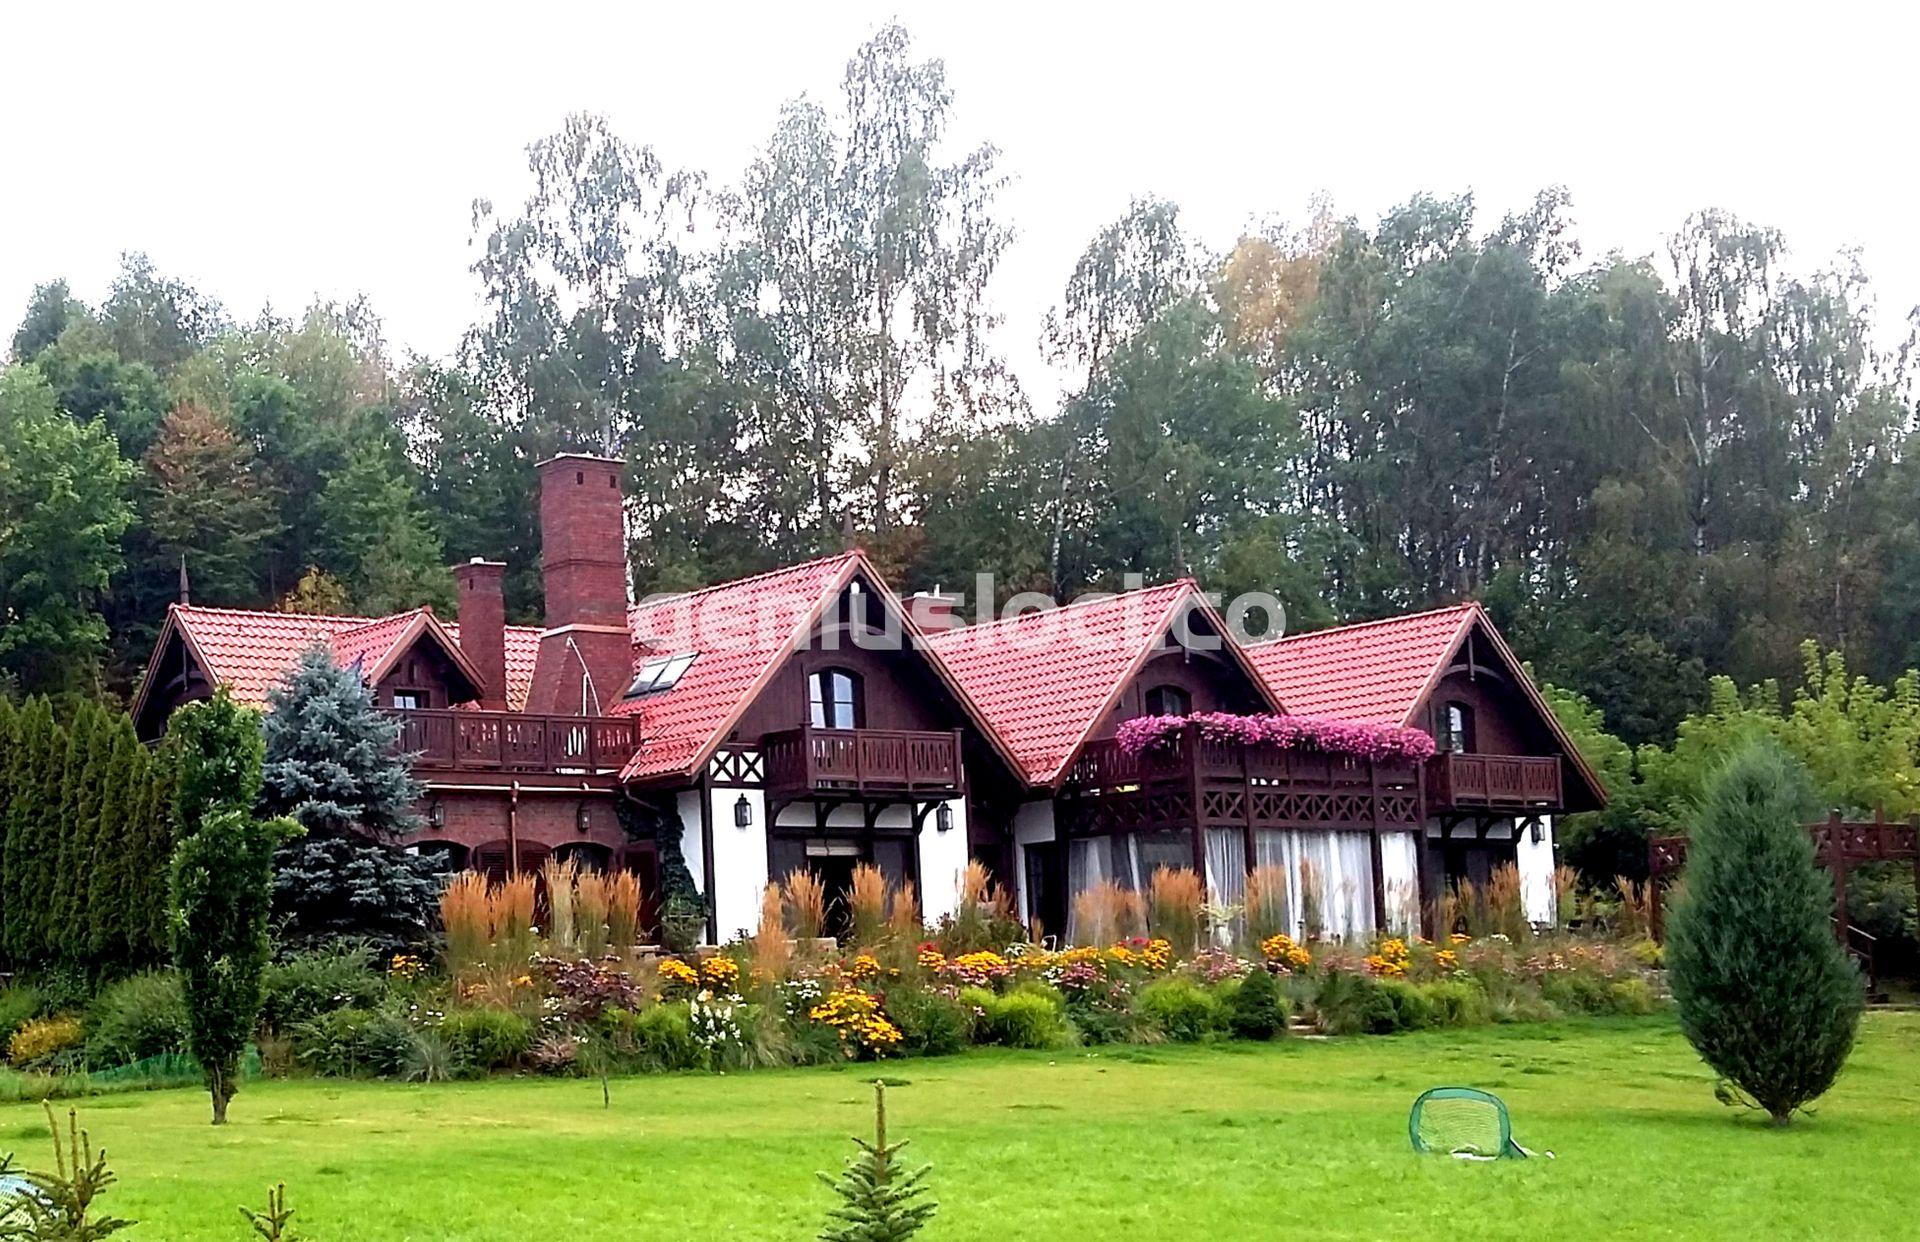 Dom wBukwałdzie